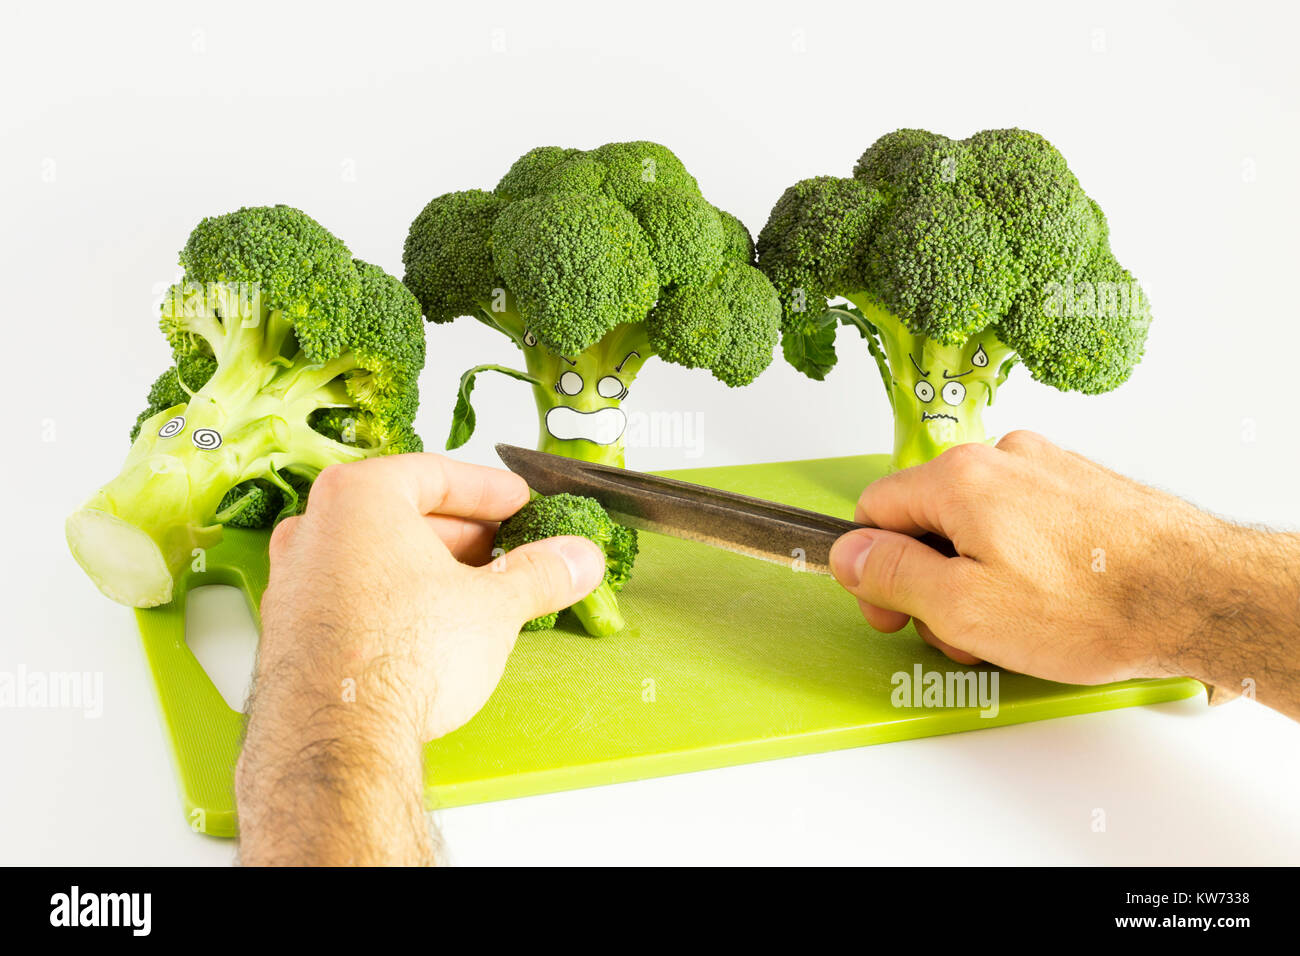 Broccoli Cartoon Style Imágenes De Stock & Broccoli